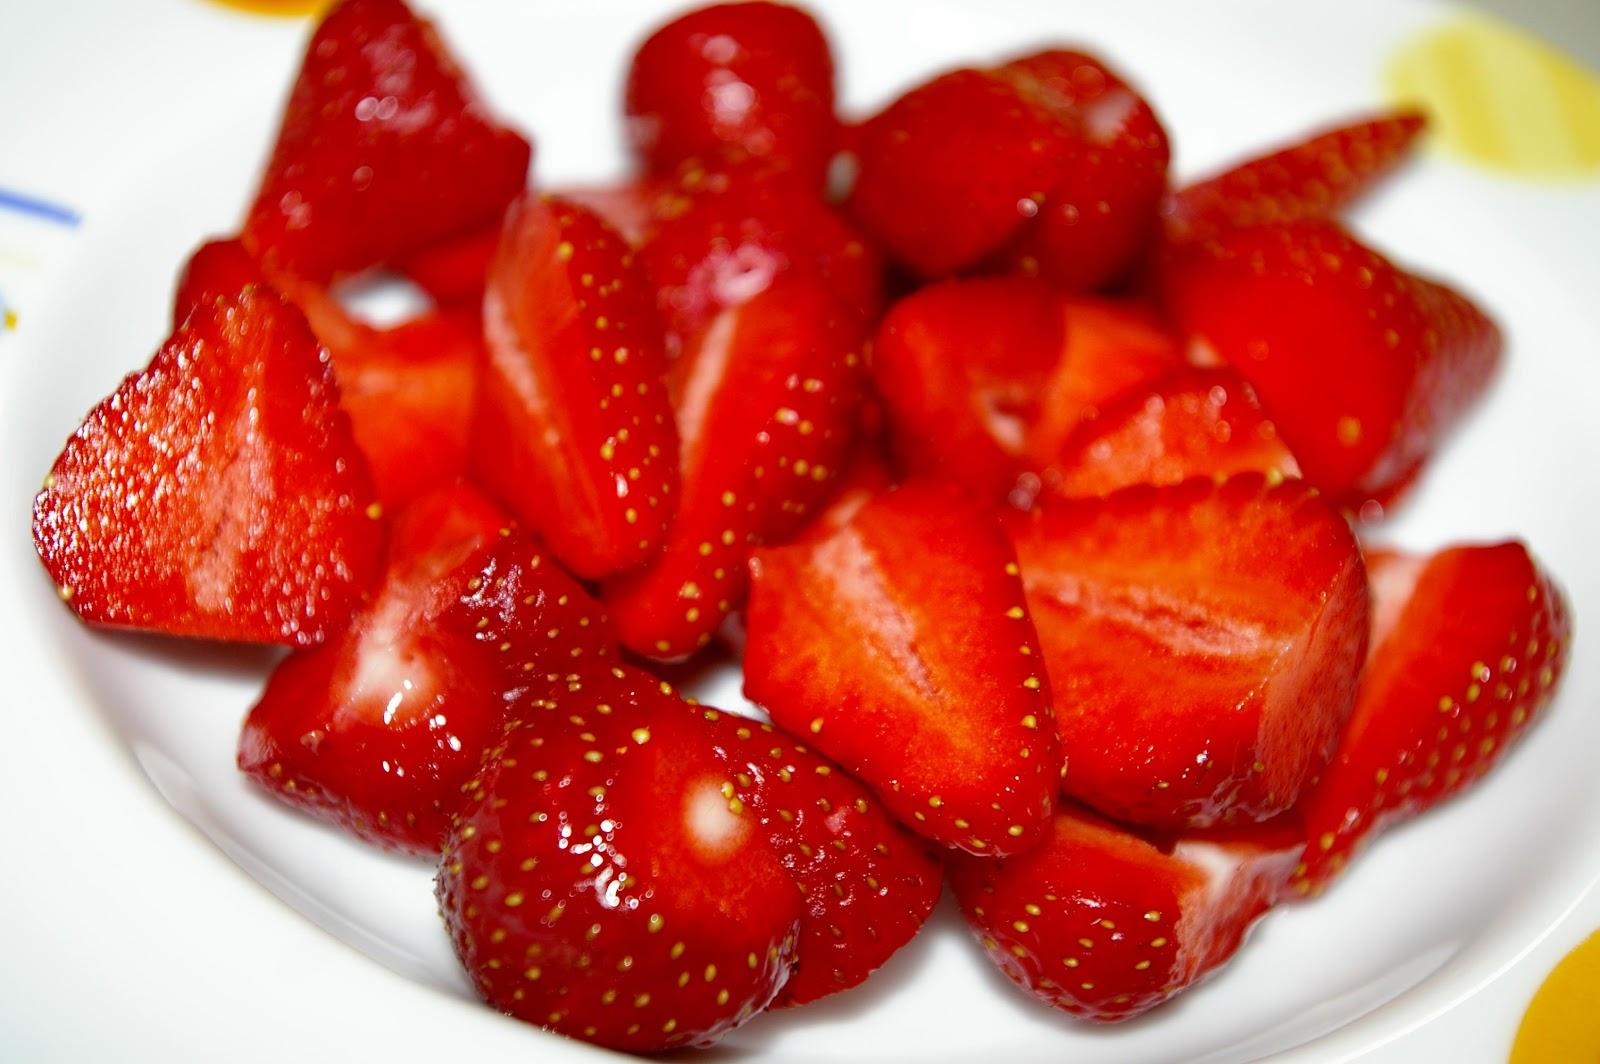 selphiescorner rezept erdbeer apfel smoothie. Black Bedroom Furniture Sets. Home Design Ideas